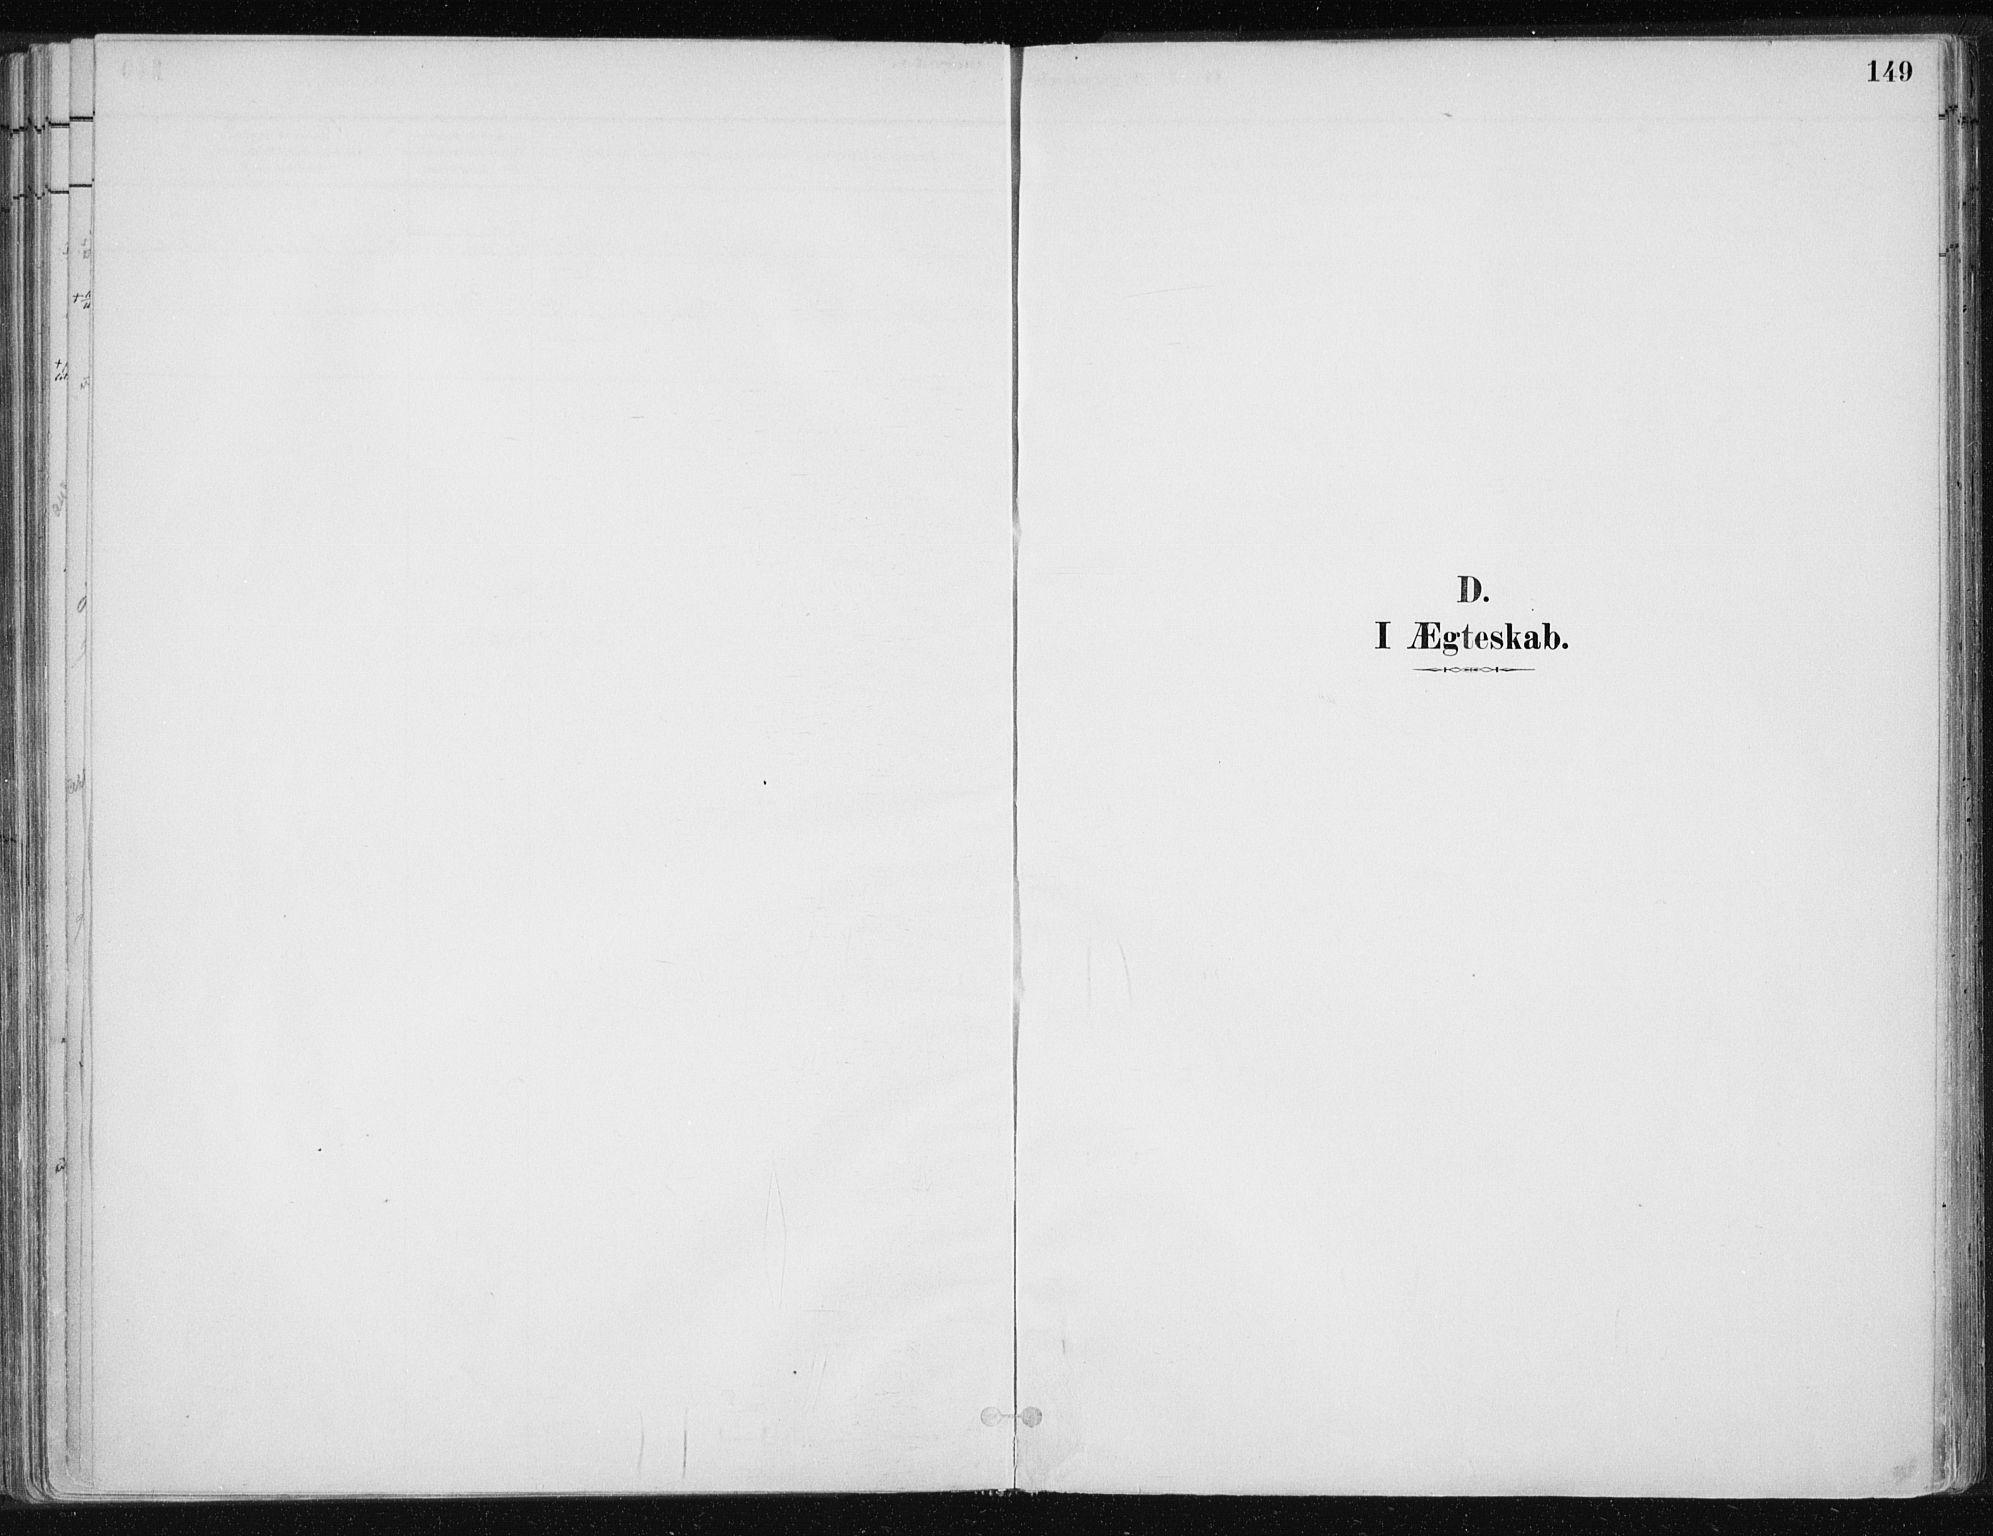 SAT, Ministerialprotokoller, klokkerbøker og fødselsregistre - Nord-Trøndelag, 701/L0010: Parish register (official) no. 701A10, 1883-1899, p. 149